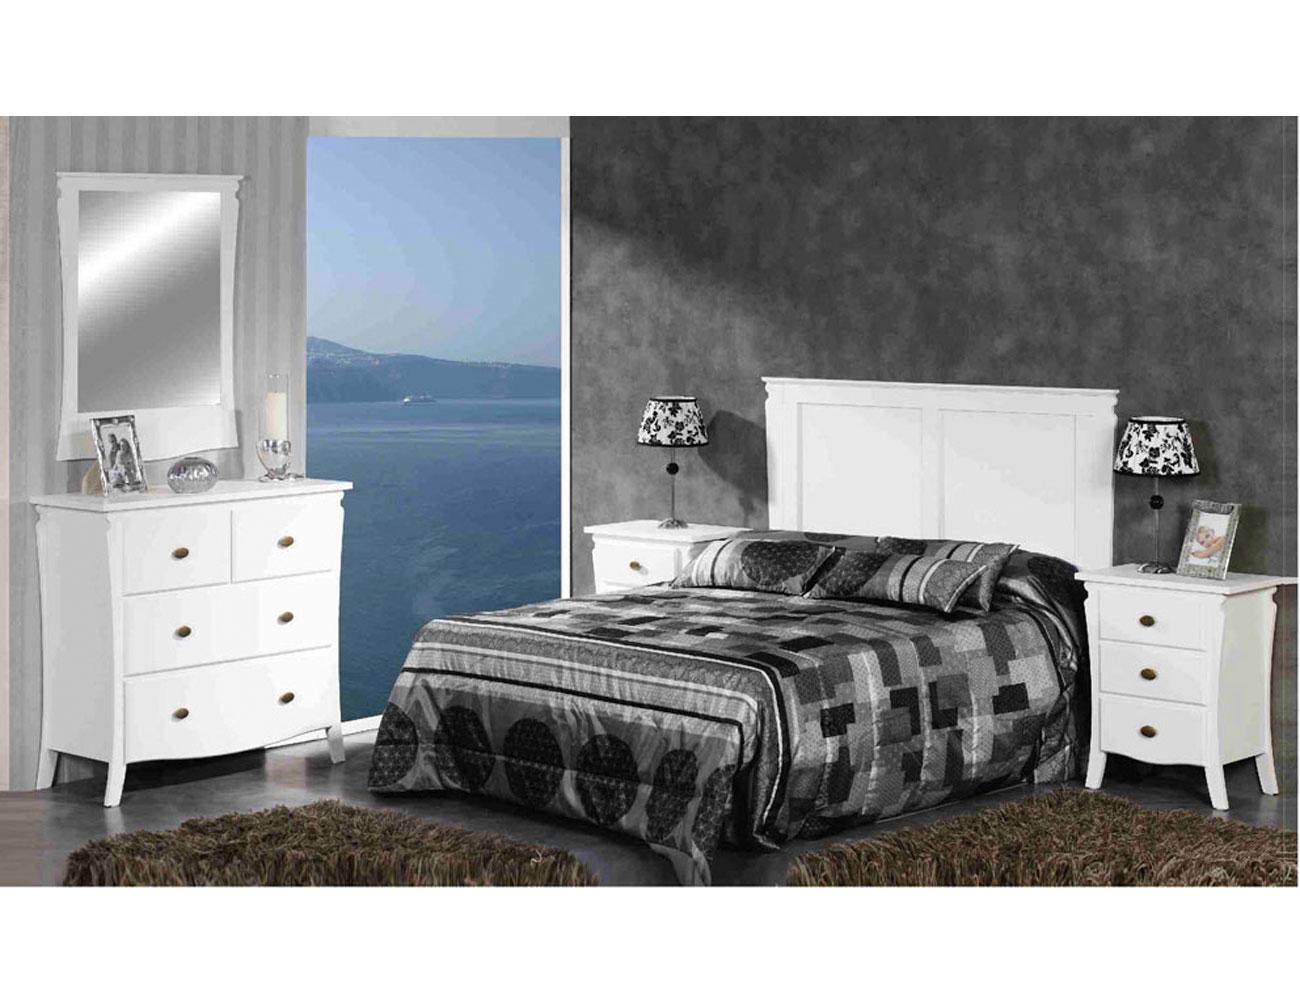 Muebles de matrimonio de estilo neocl sico con patas for Muebles romanticos blancos